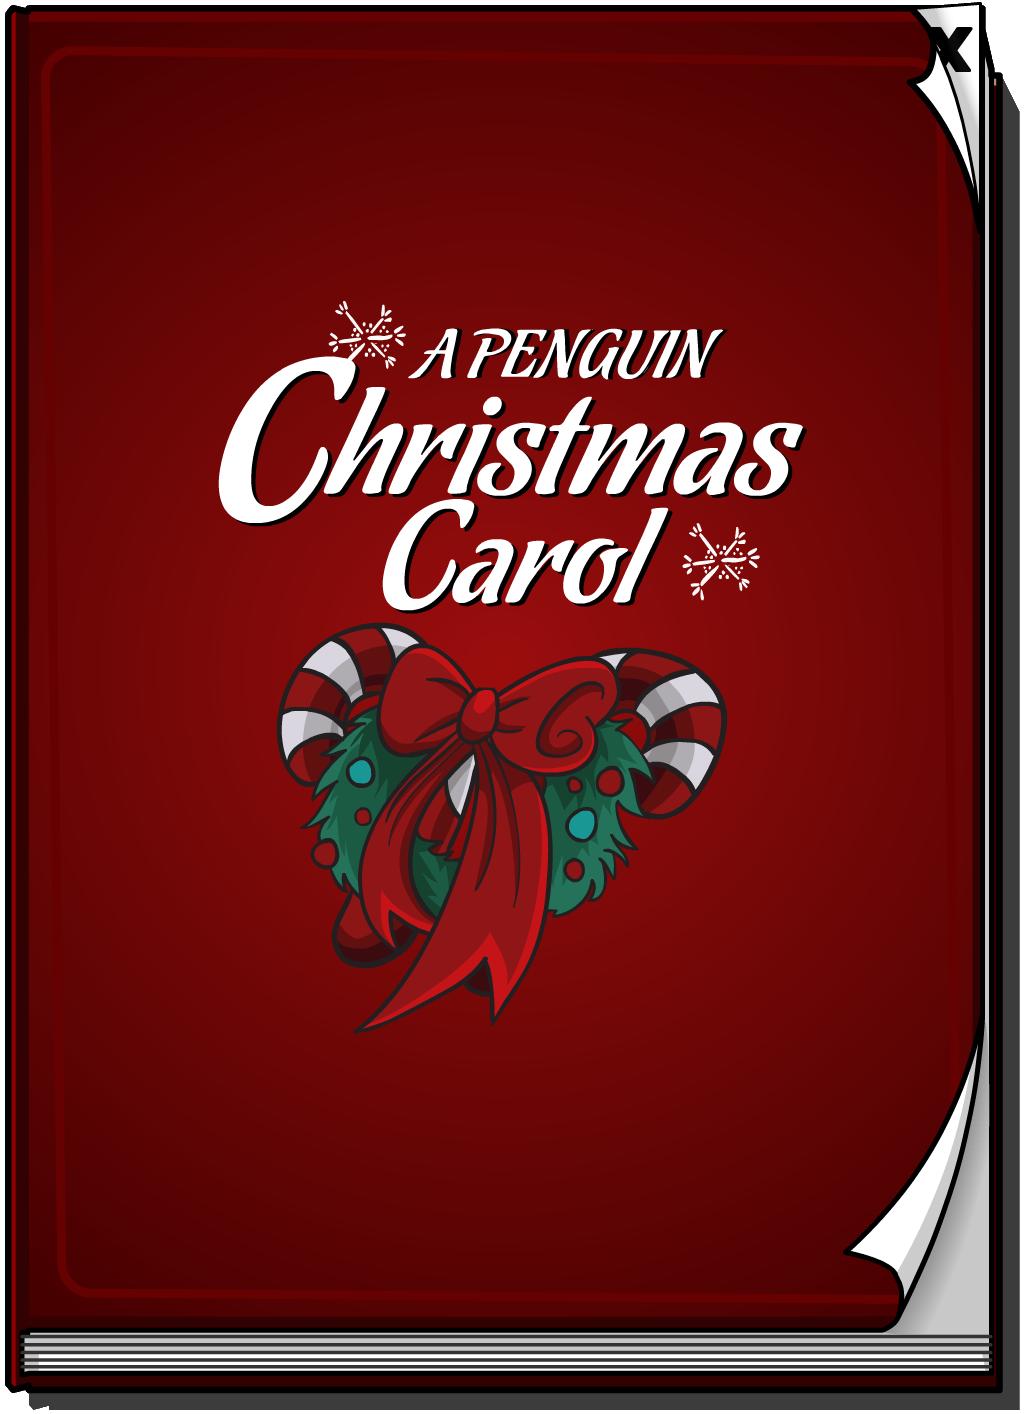 Christmas Carol Book.A Penguin Christmas Carol Club Penguin Wiki Fandom